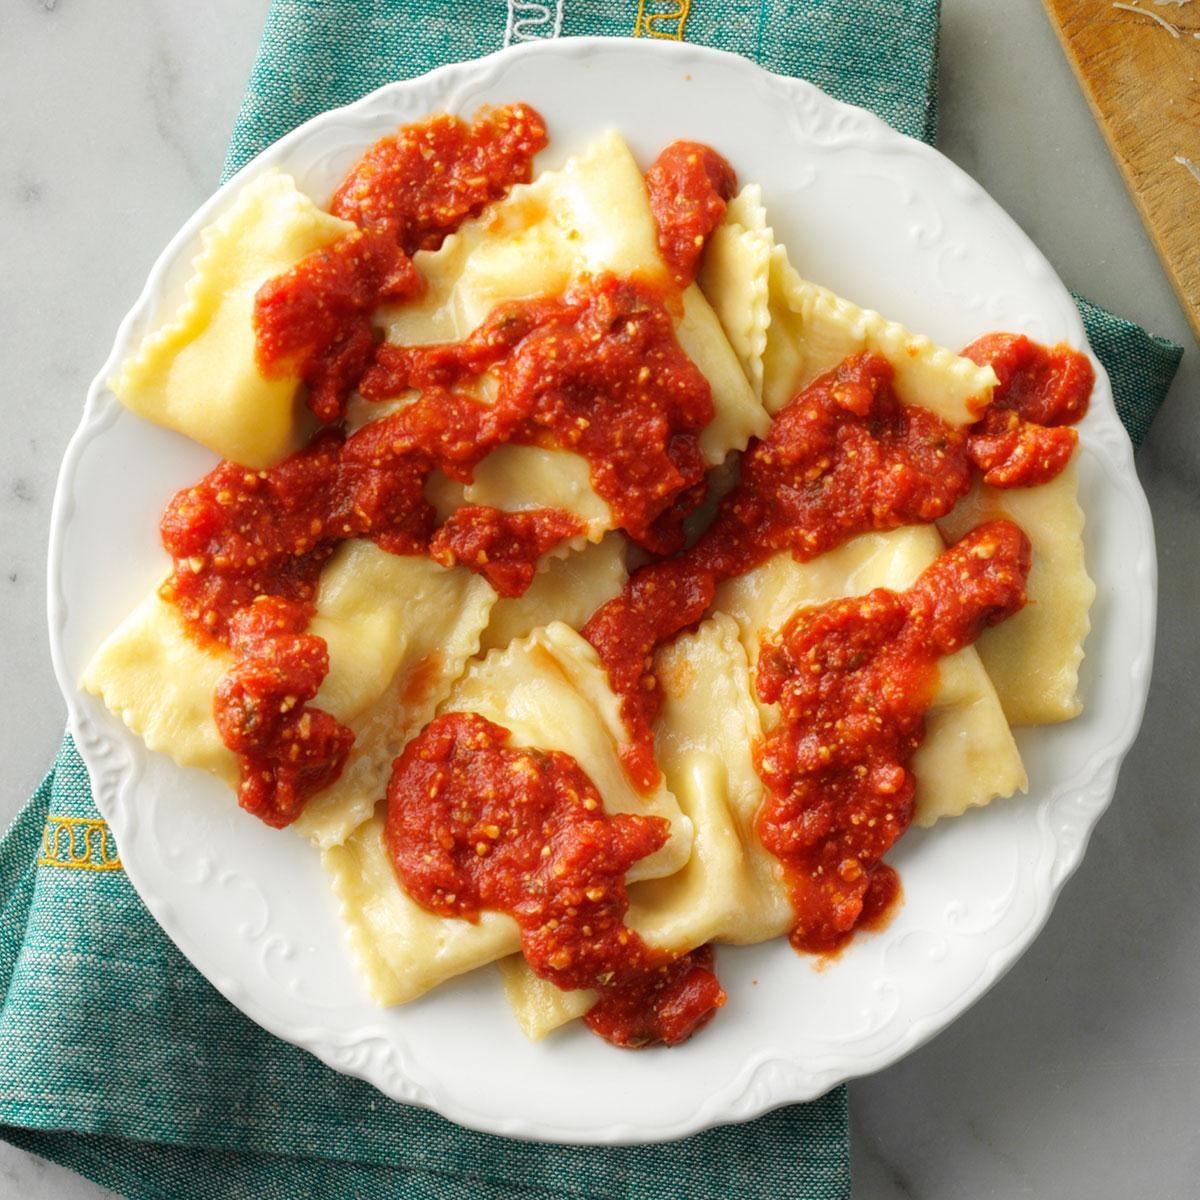 Healthy Recipes Comfort Food